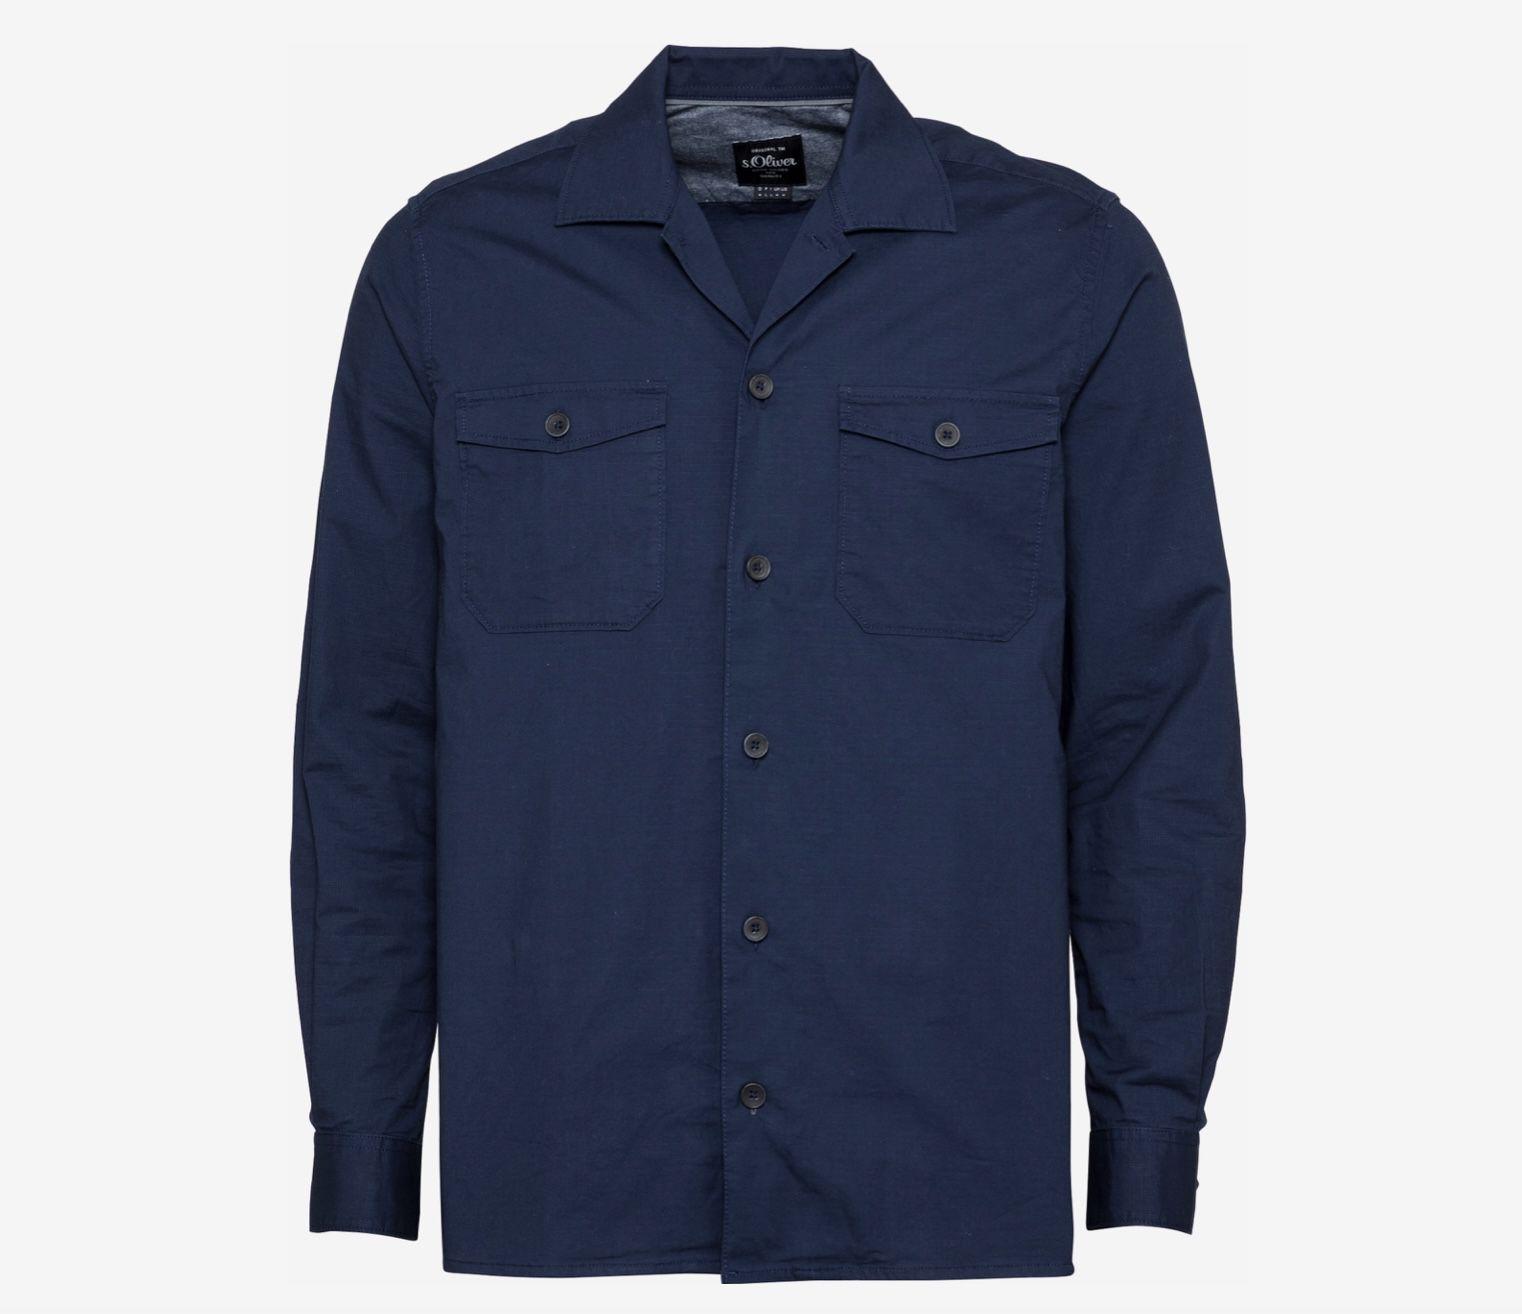 s.Oliver Hemd aus Baumwollstretch in Blau für 13,96€ (statt 27€)